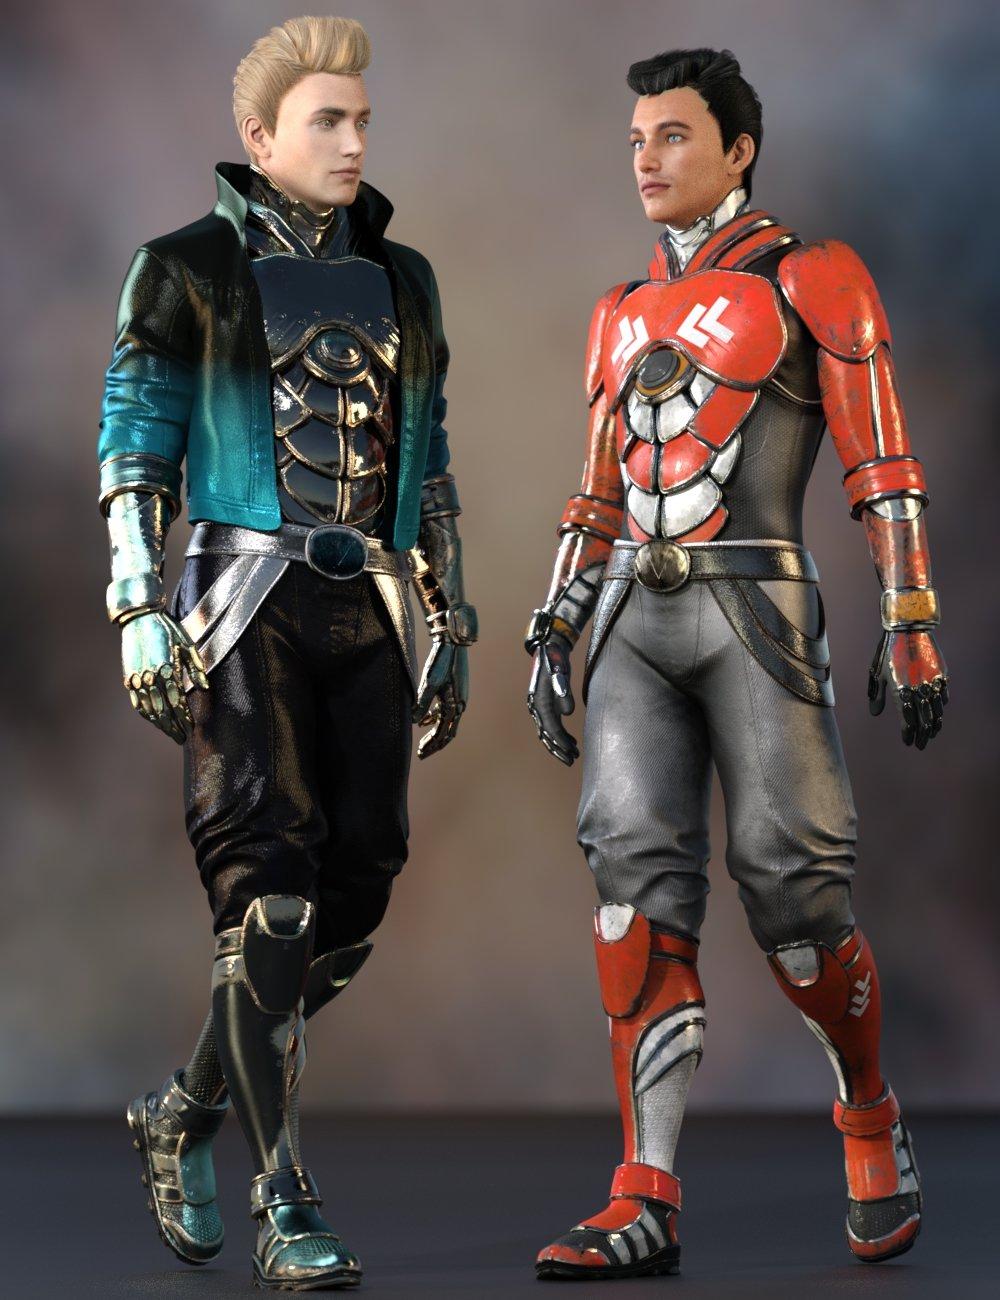 Noah Sci-fi Outfit for Genesis 8 Male(s) by: Yura, 3D Models by Daz 3D